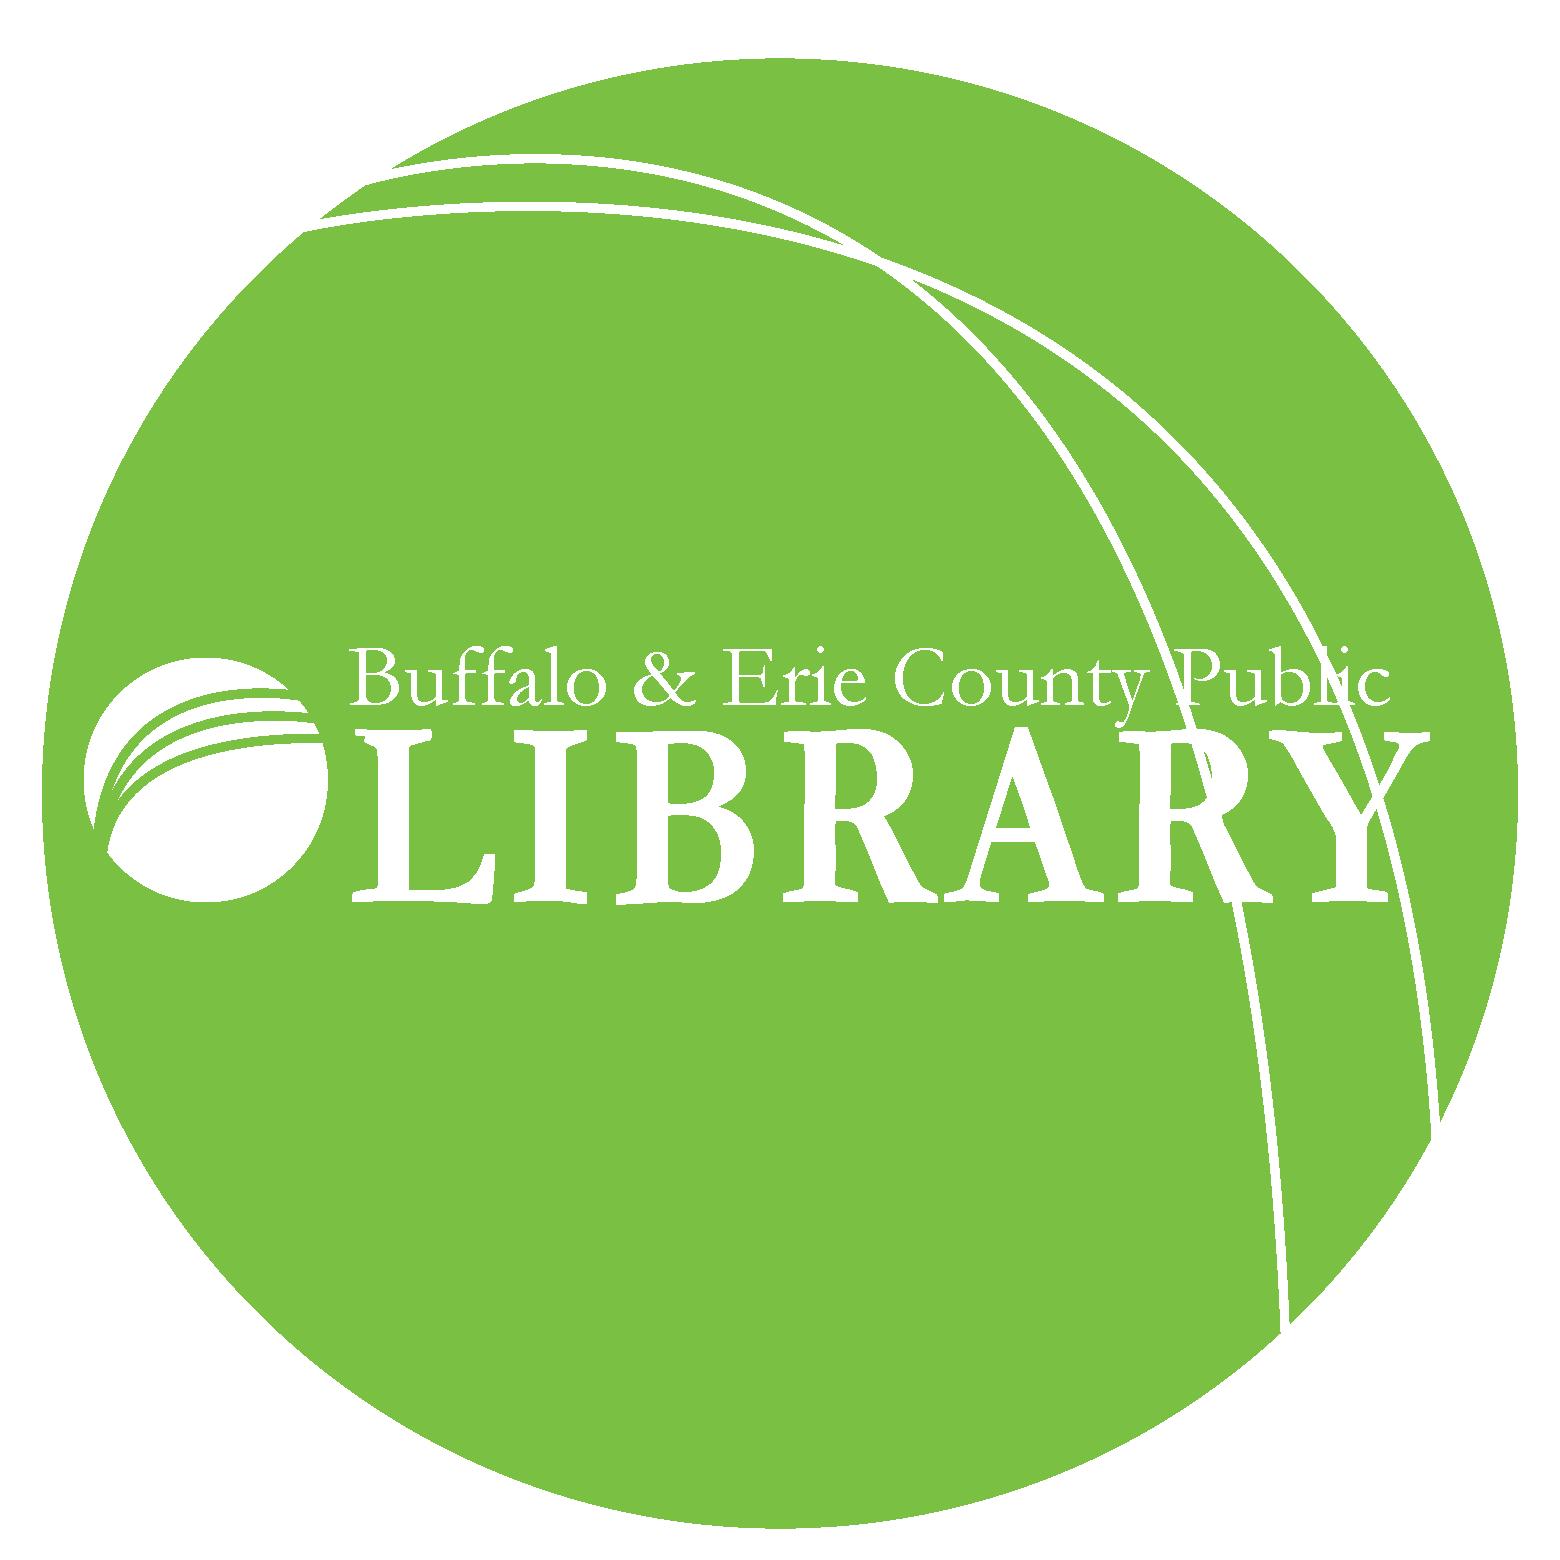 Buffalo & Erie County Library